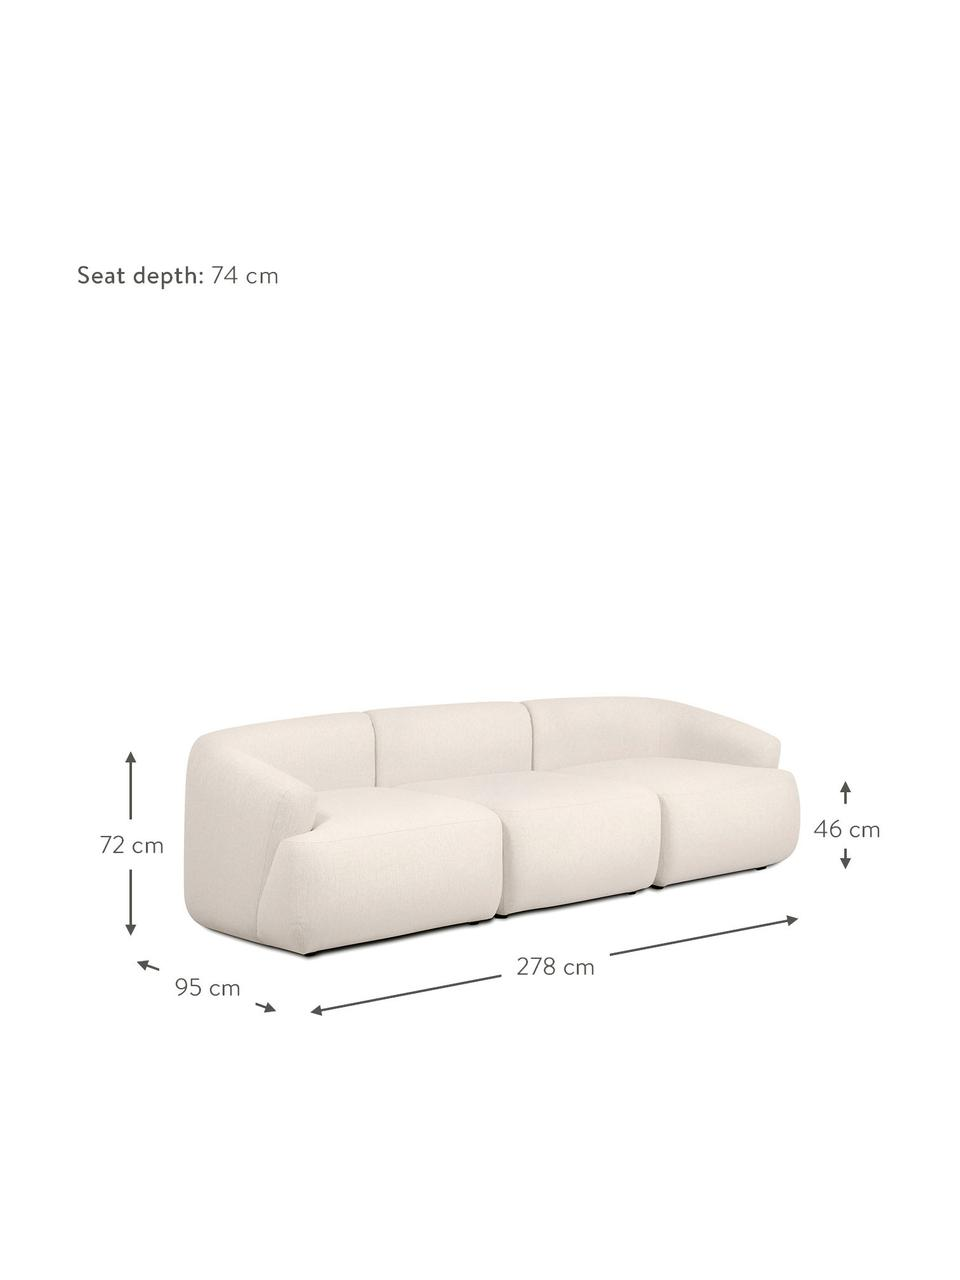 Divano componibile 3 posti beige Sofia, Rivestimento: 100% polipropilene Con 23, Piedini: materiale sintetico, Beige, Larg. 278 x Prof. 95 cm